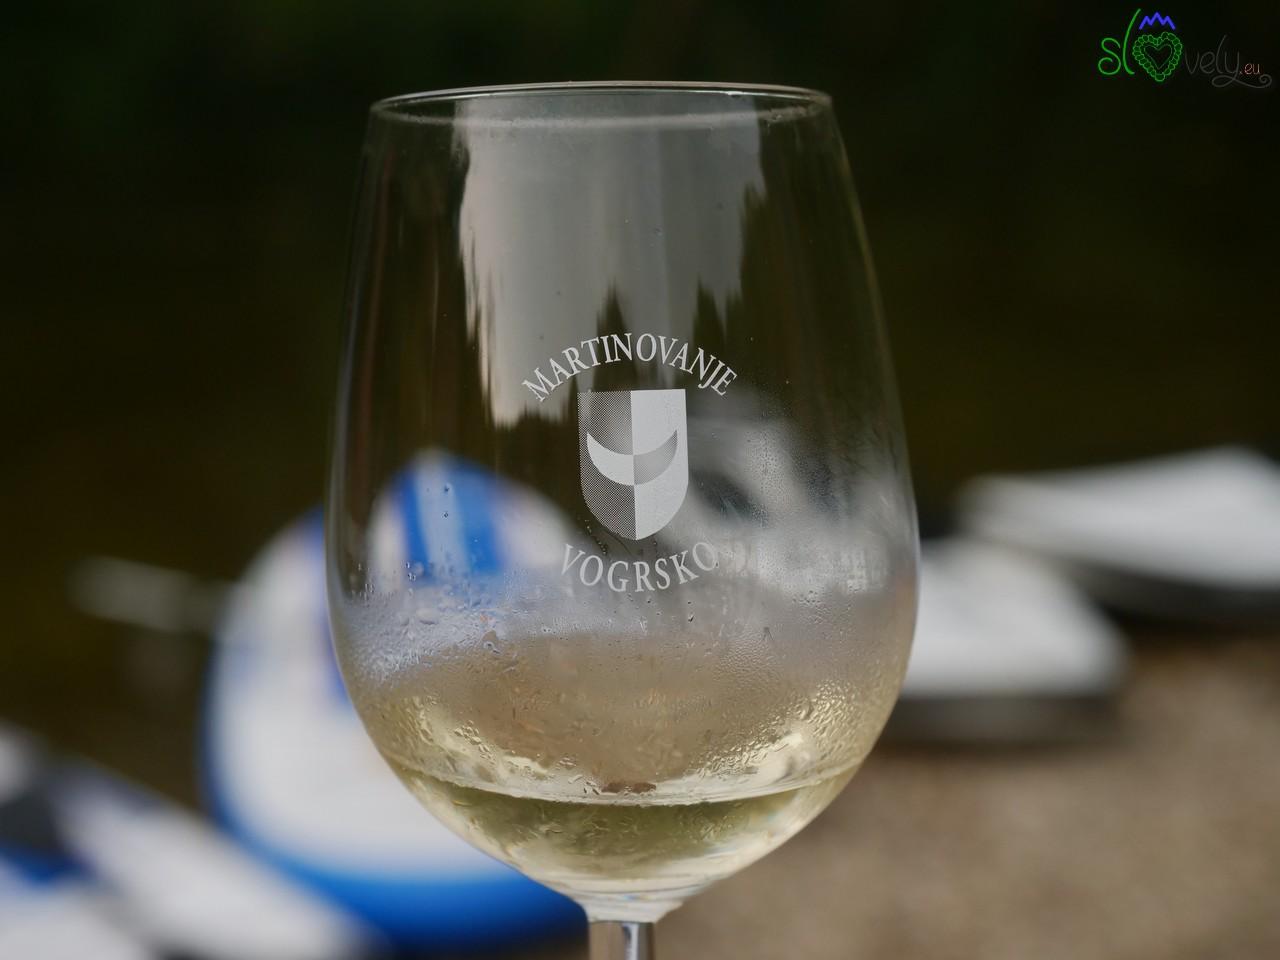 Dopo tanto sport ci vuole un buon bicchiere di vino!